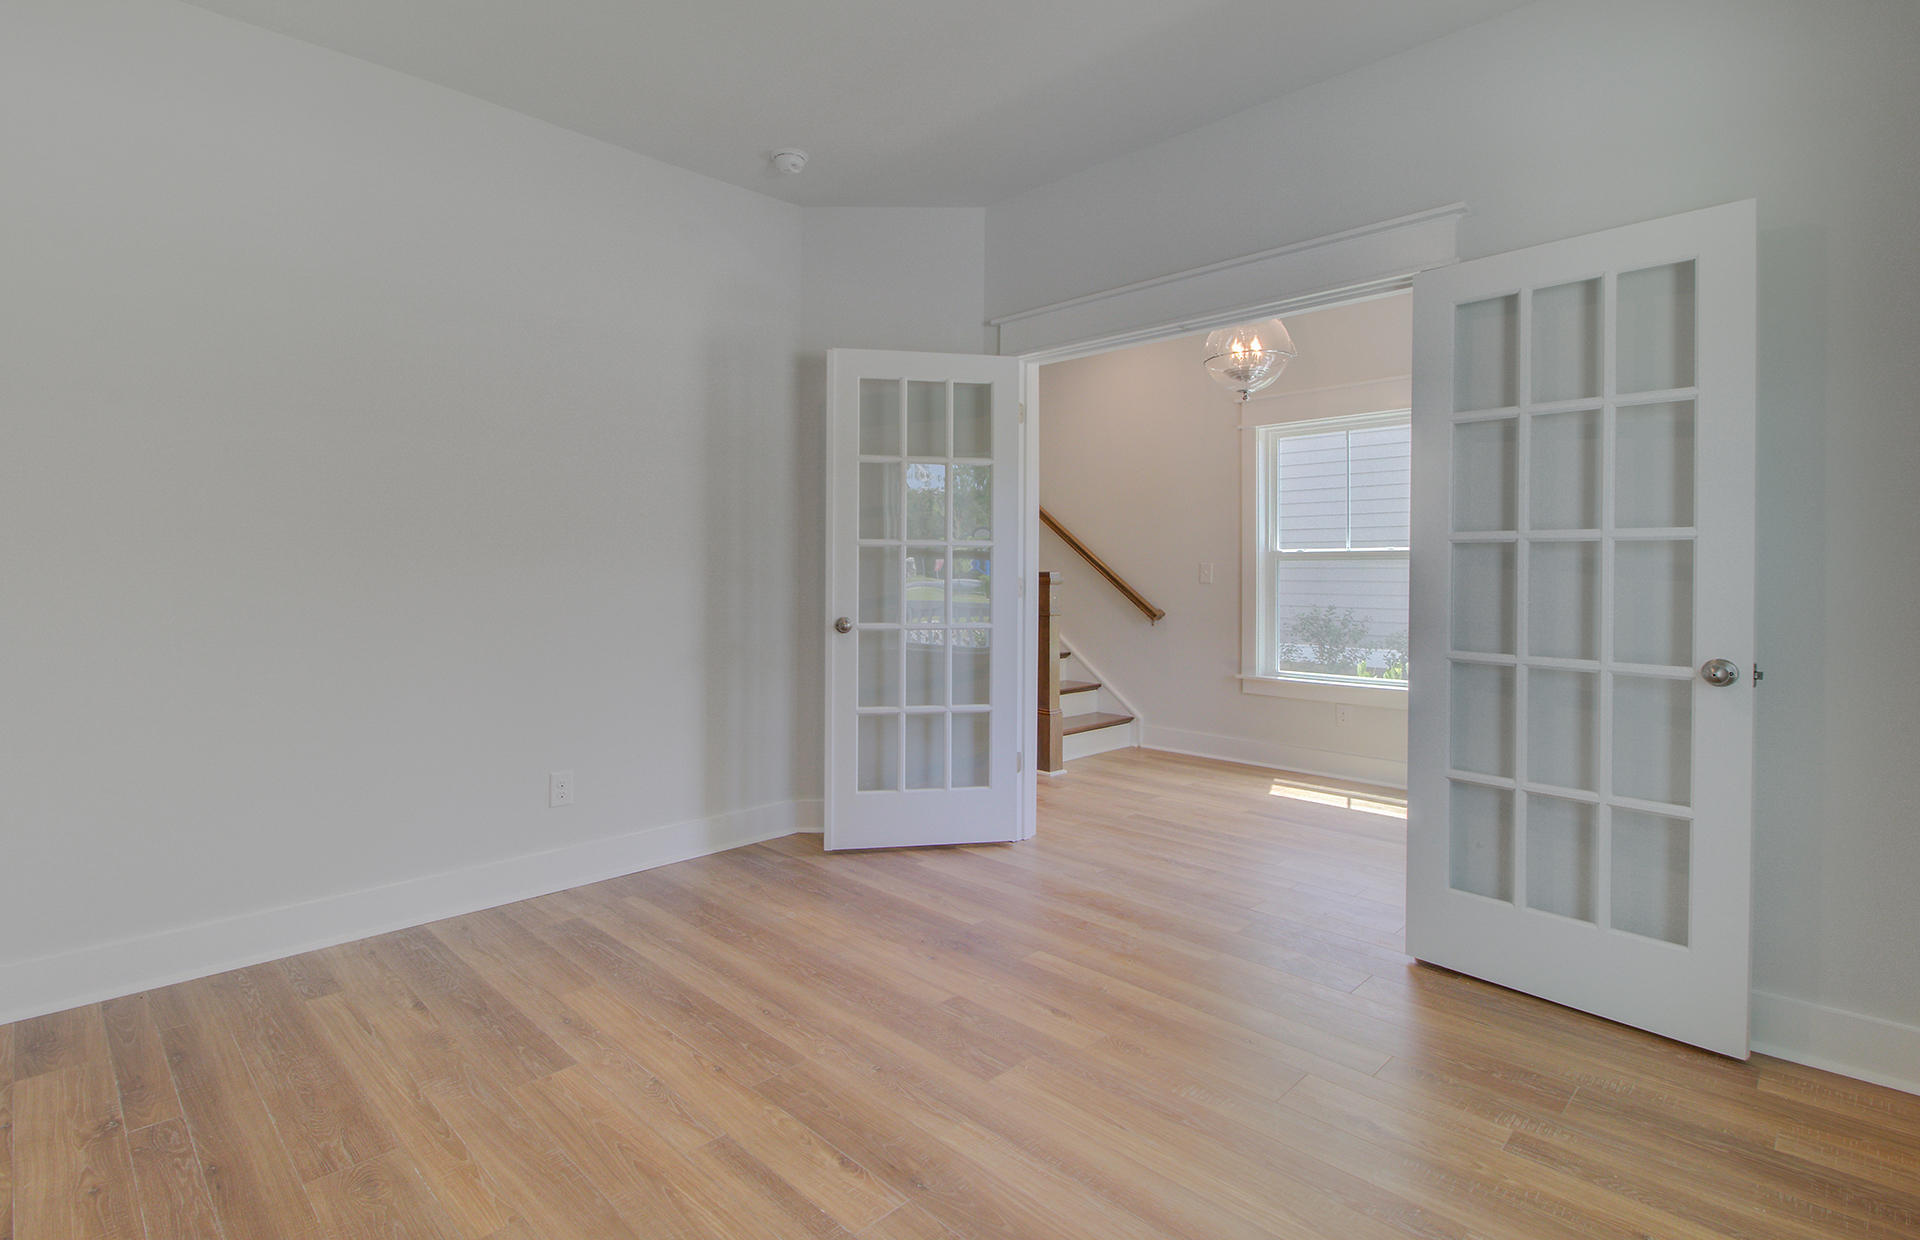 Park West Homes For Sale - 3013 Caspian, Mount Pleasant, SC - 46